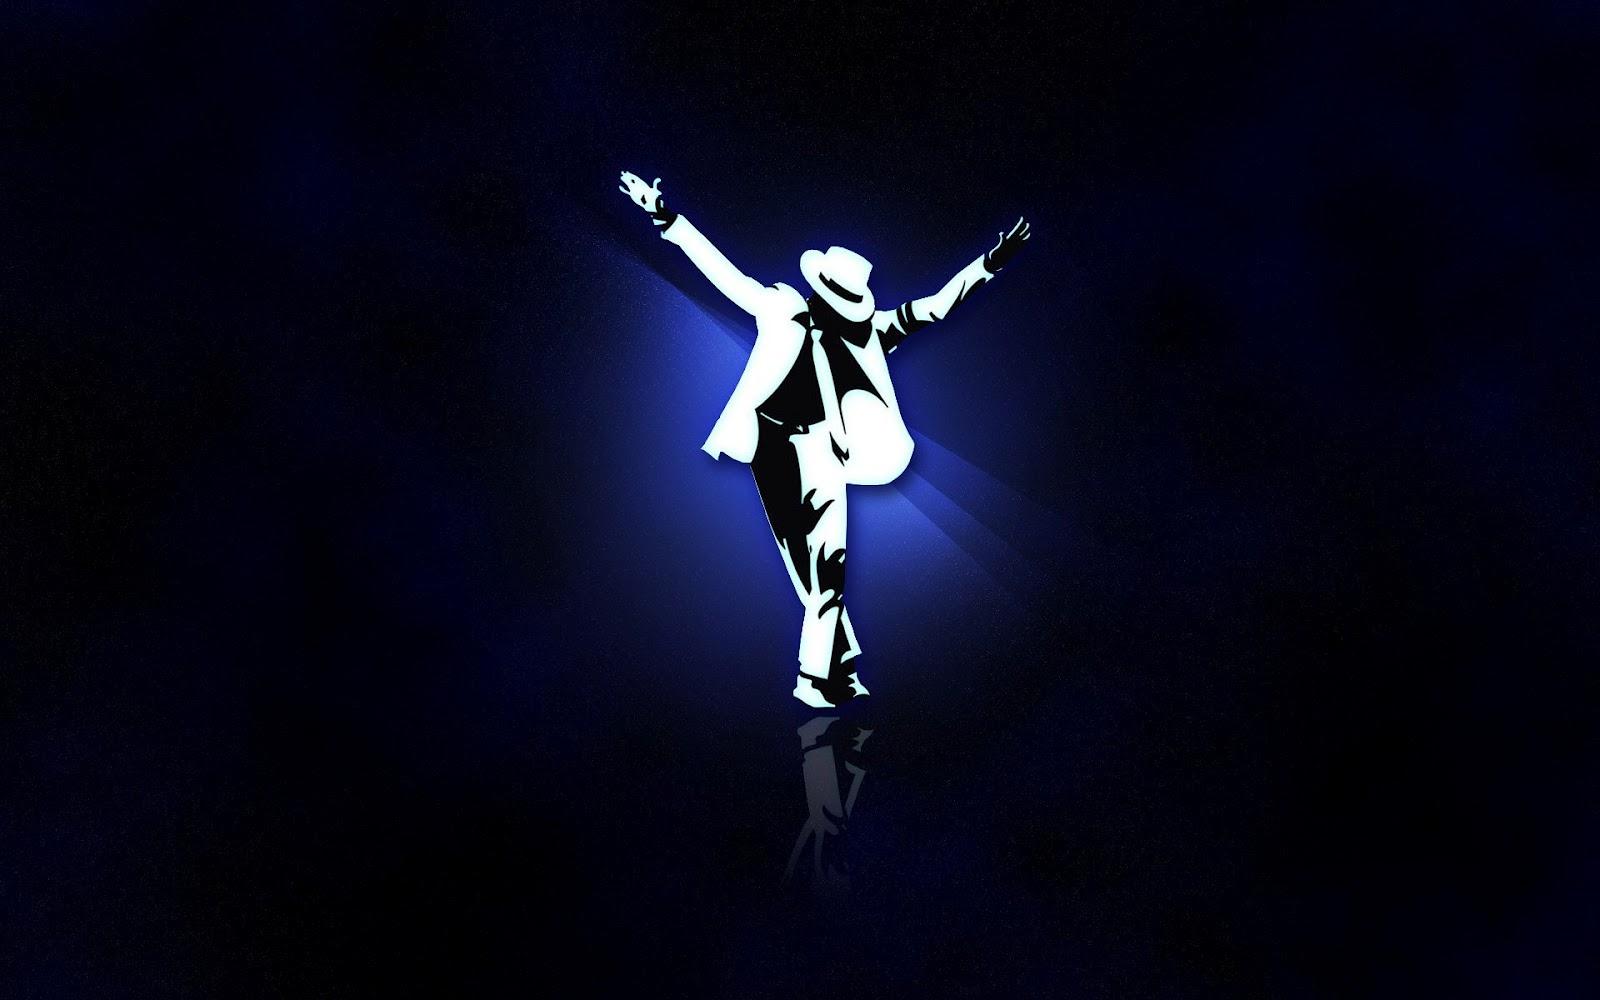 http://3.bp.blogspot.com/-MOA6PlS7Pqs/TzCyr5uJQXI/AAAAAAAAKl0/AbbCoPooVJs/s1600/Michael+Jackson+HD+Wallpaper3.jpg